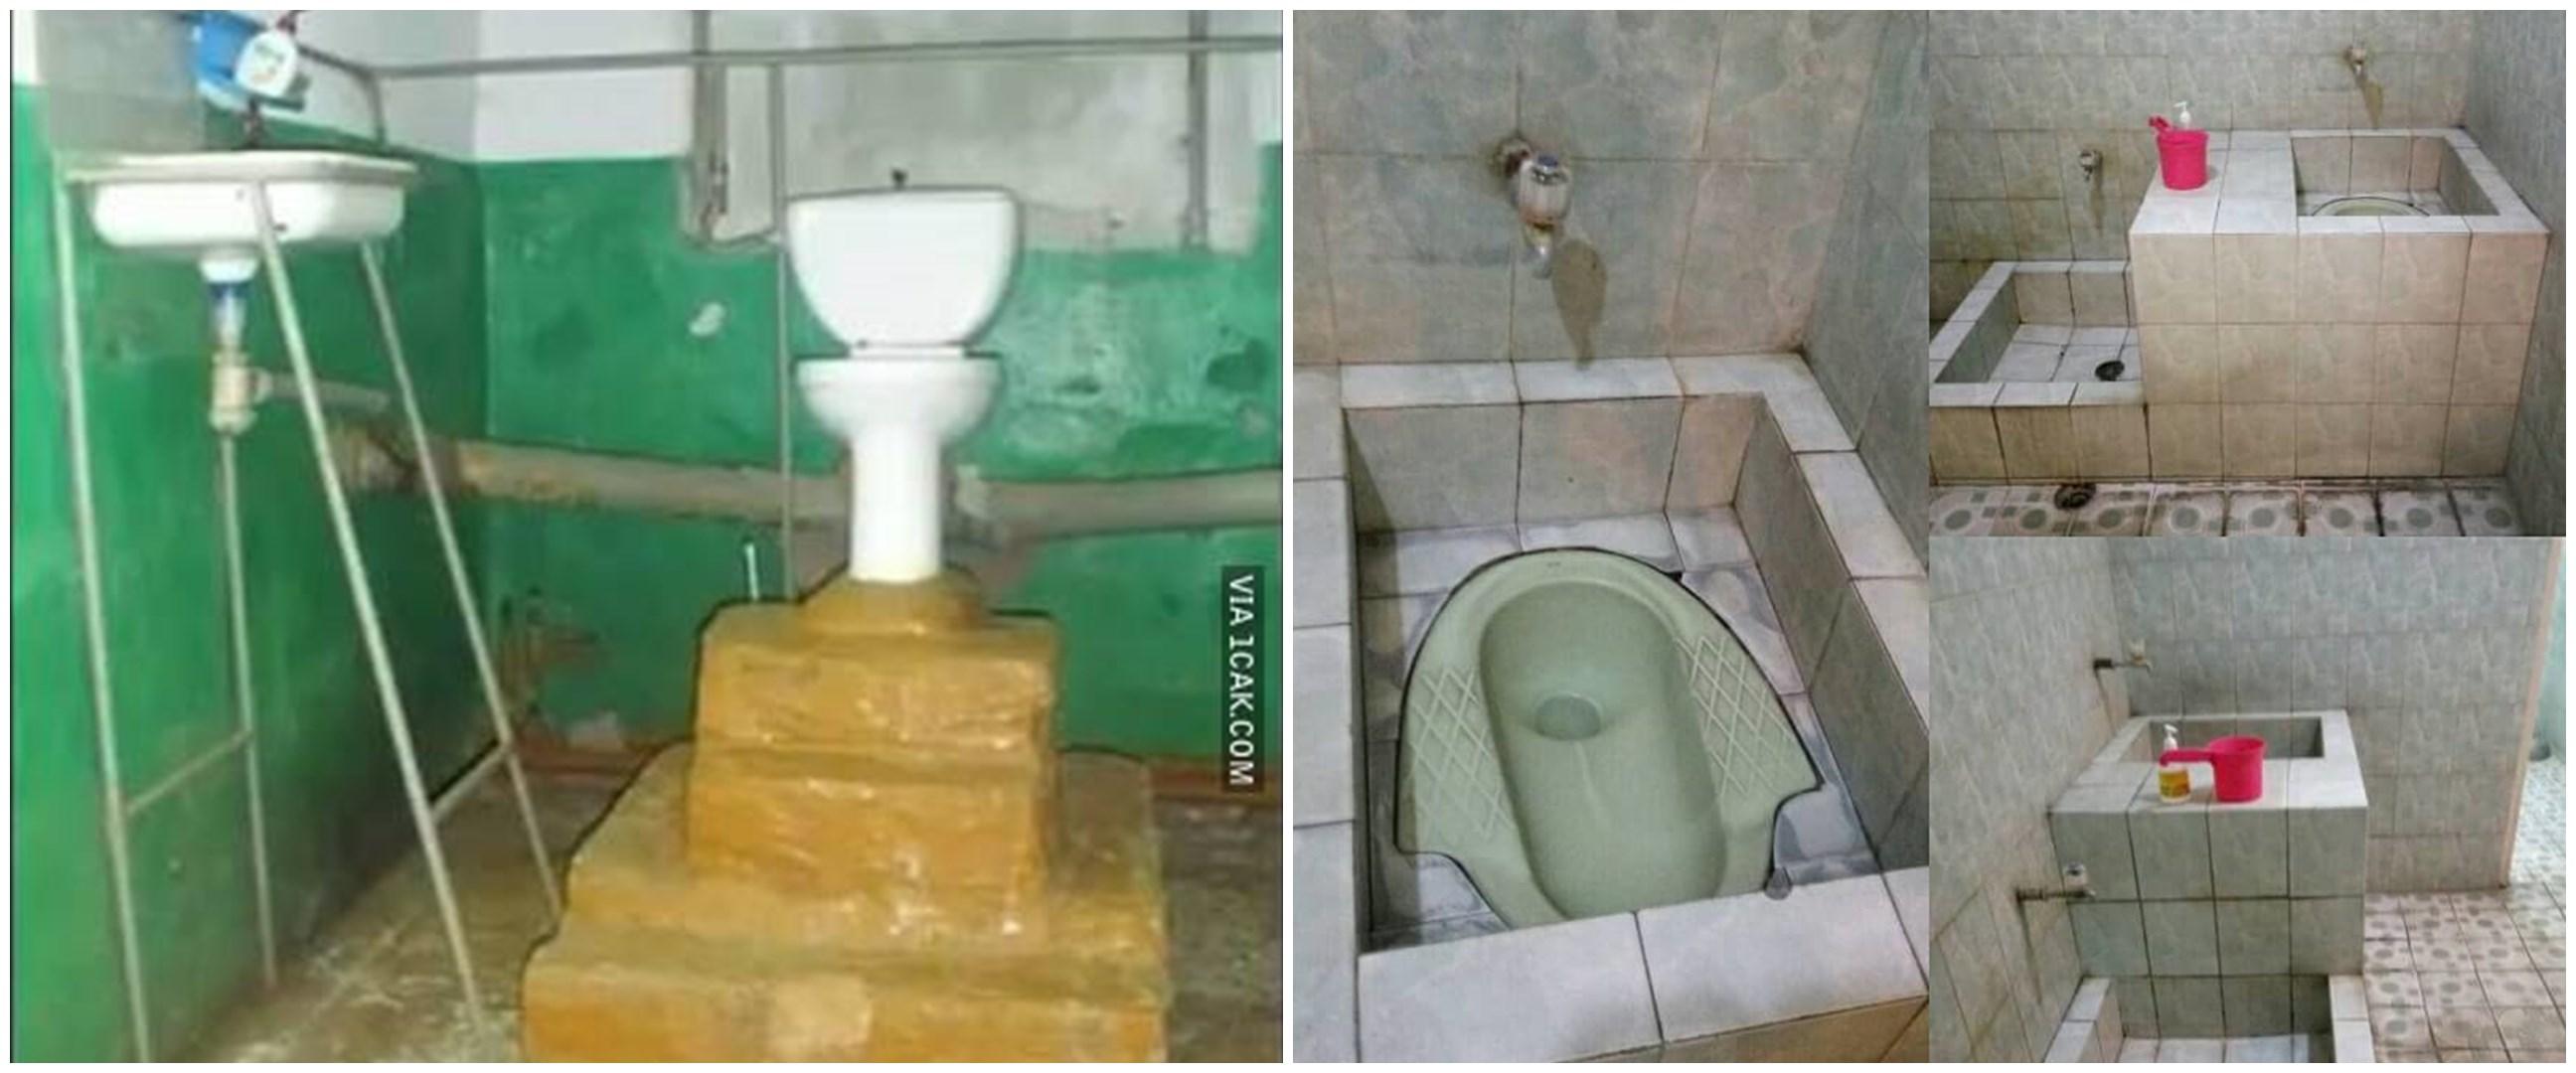 20 Potret lucu toilet rumah, desainnya nyeleneh abis